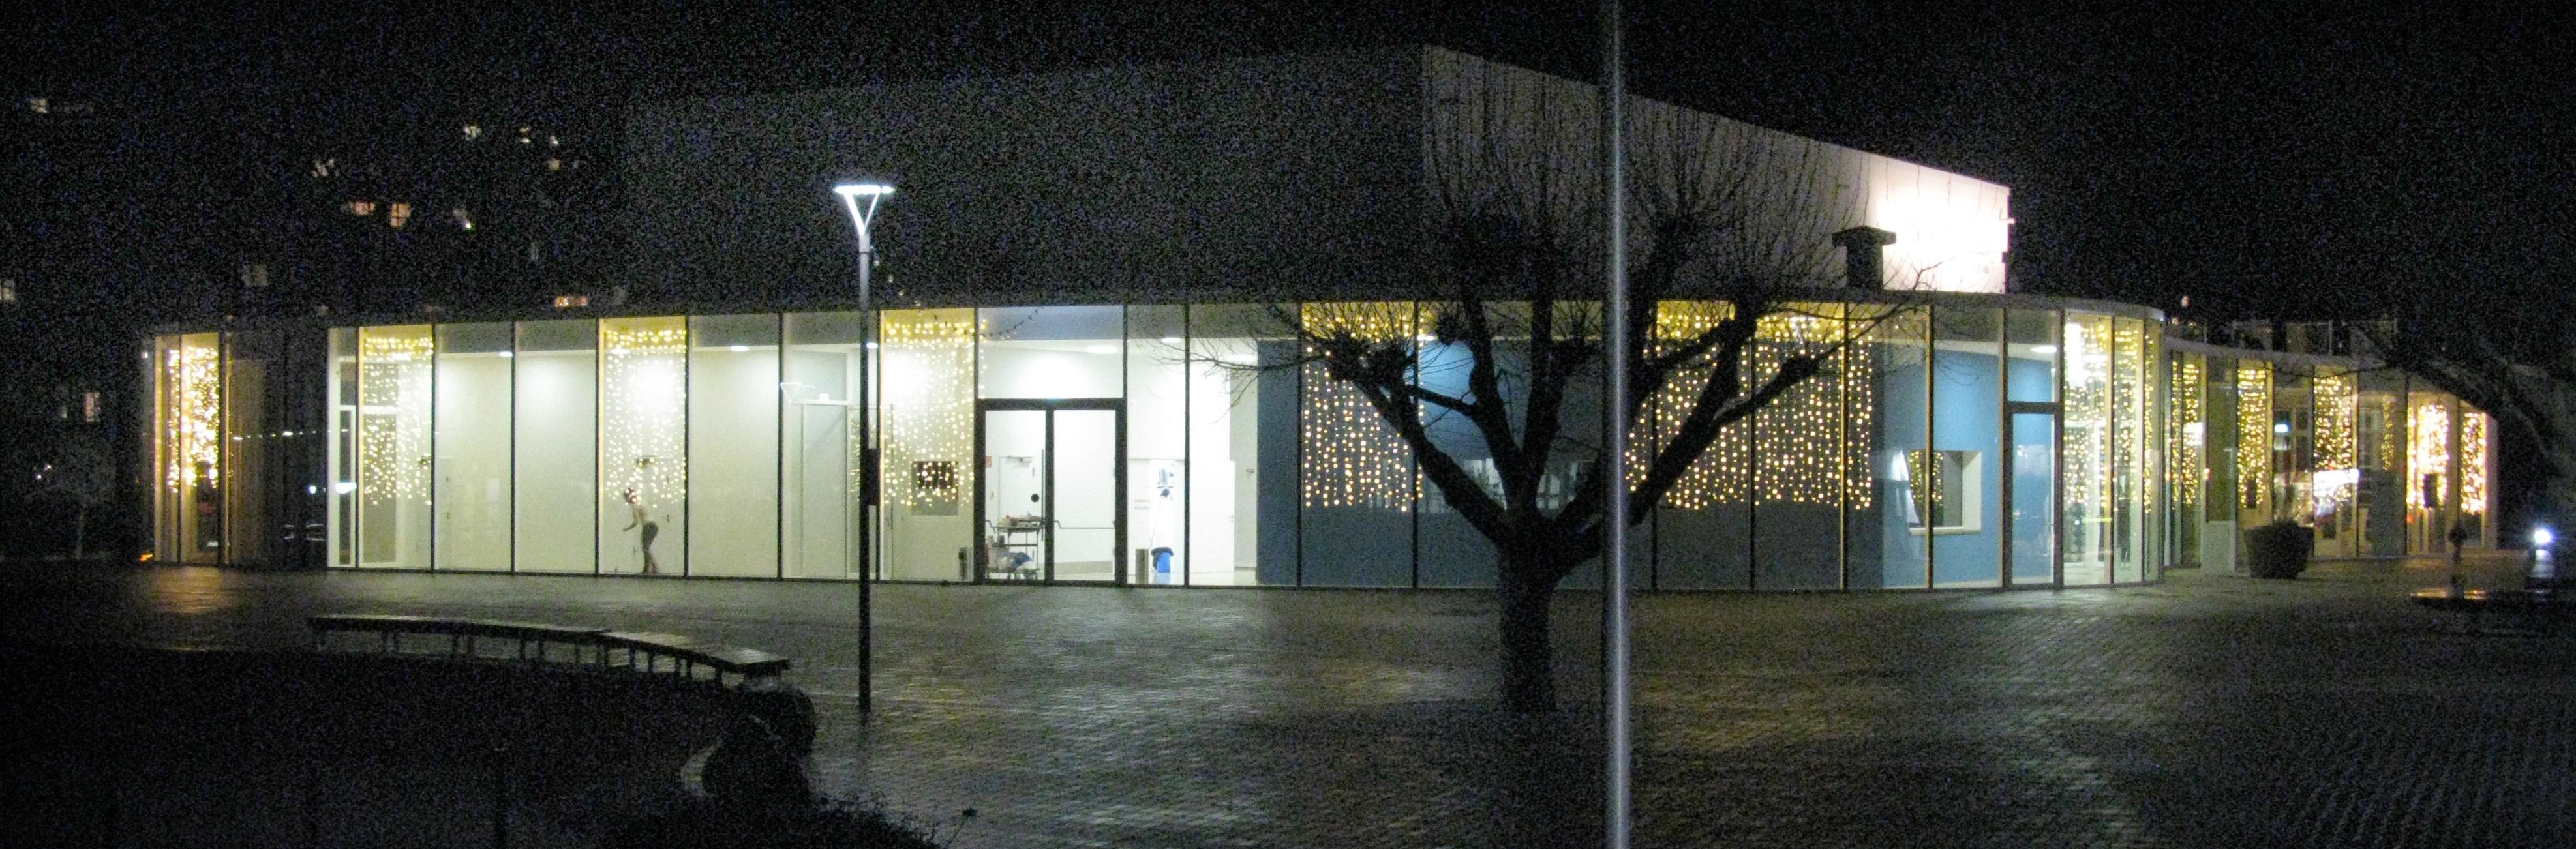 Weihnachtsbeleuchtung Forum.File Forum Merzhausen In Weihnachtsbeleuchtung Jpg Wikimedia Commons